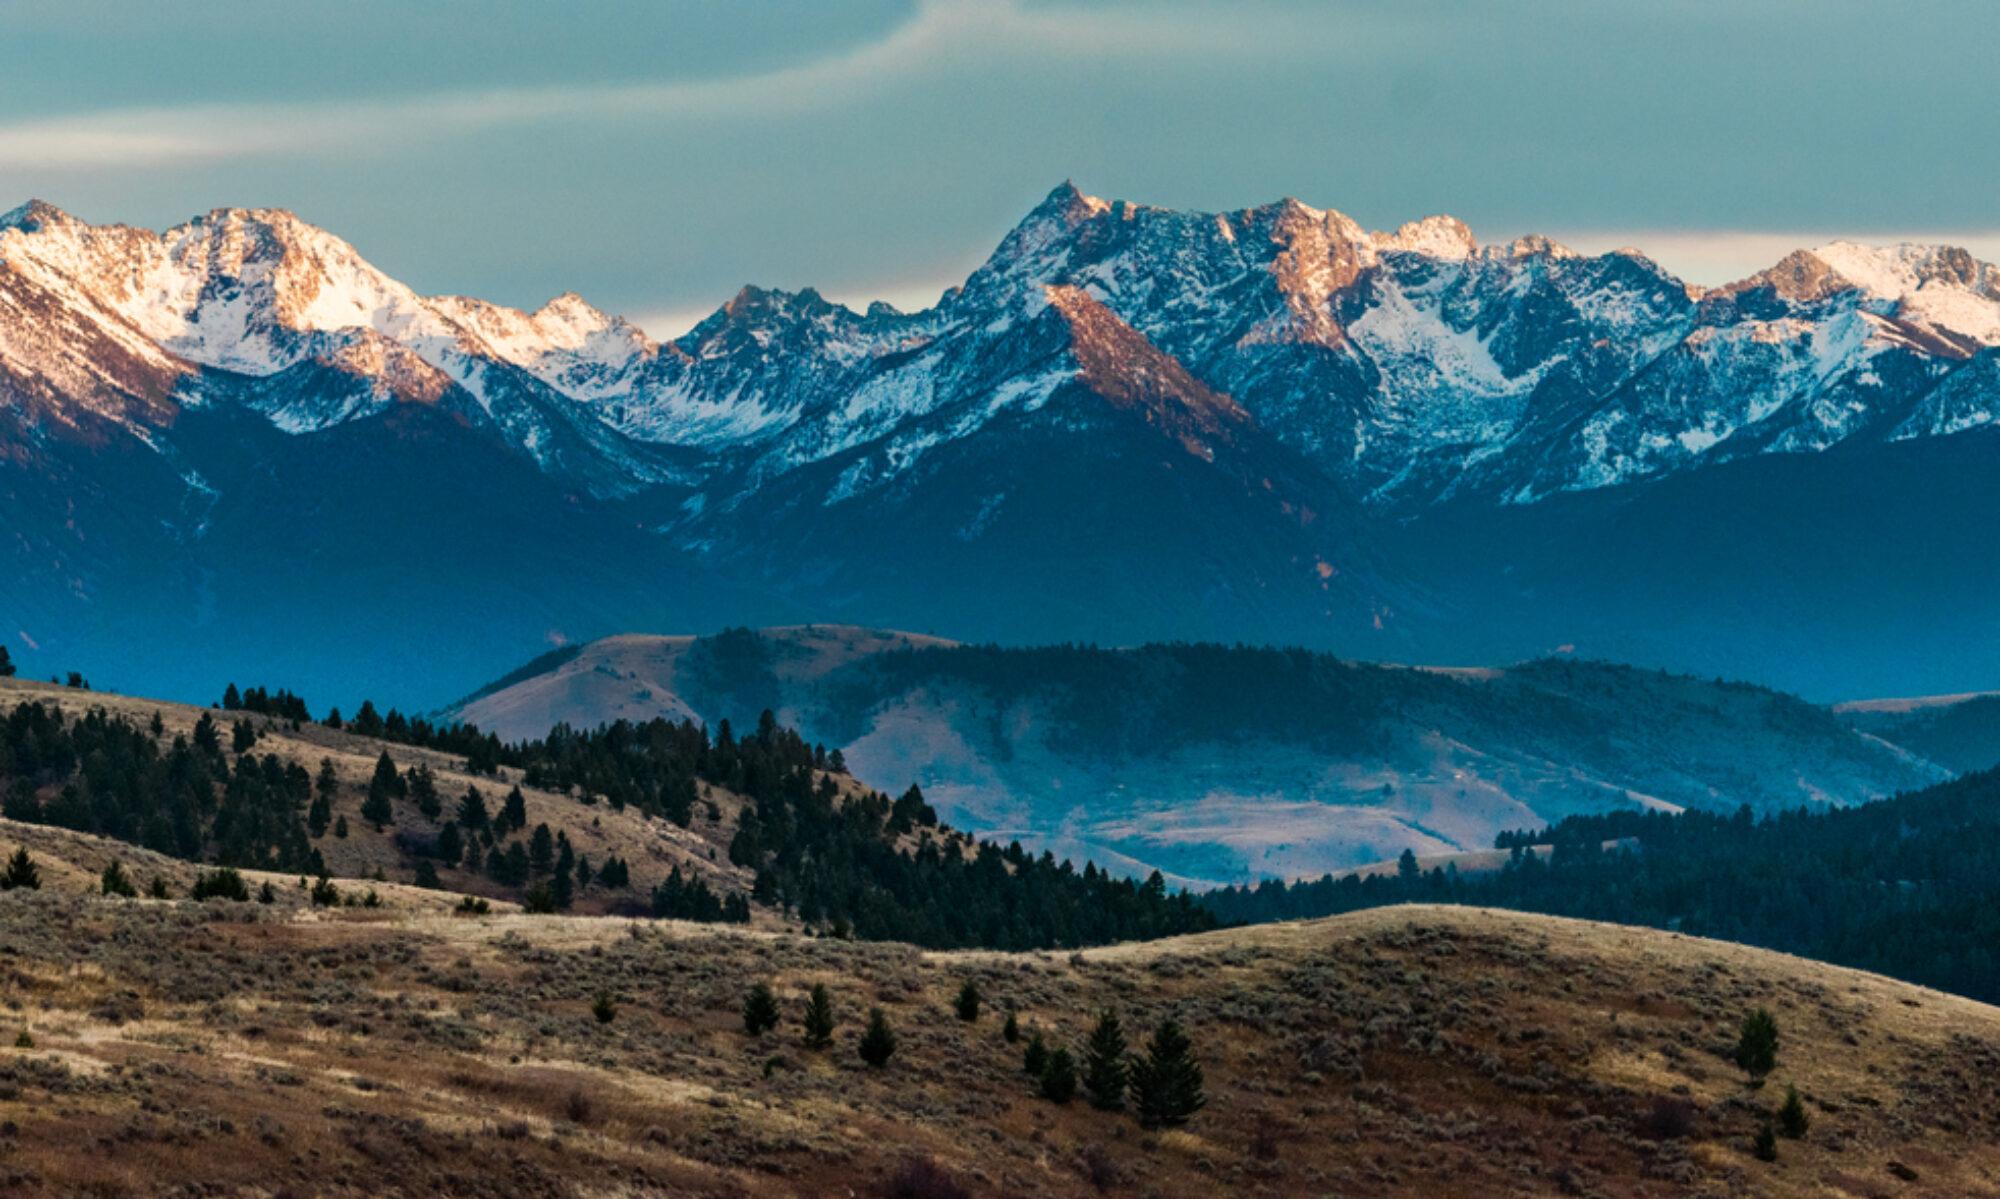 Midwest/Rocky Mountain Region